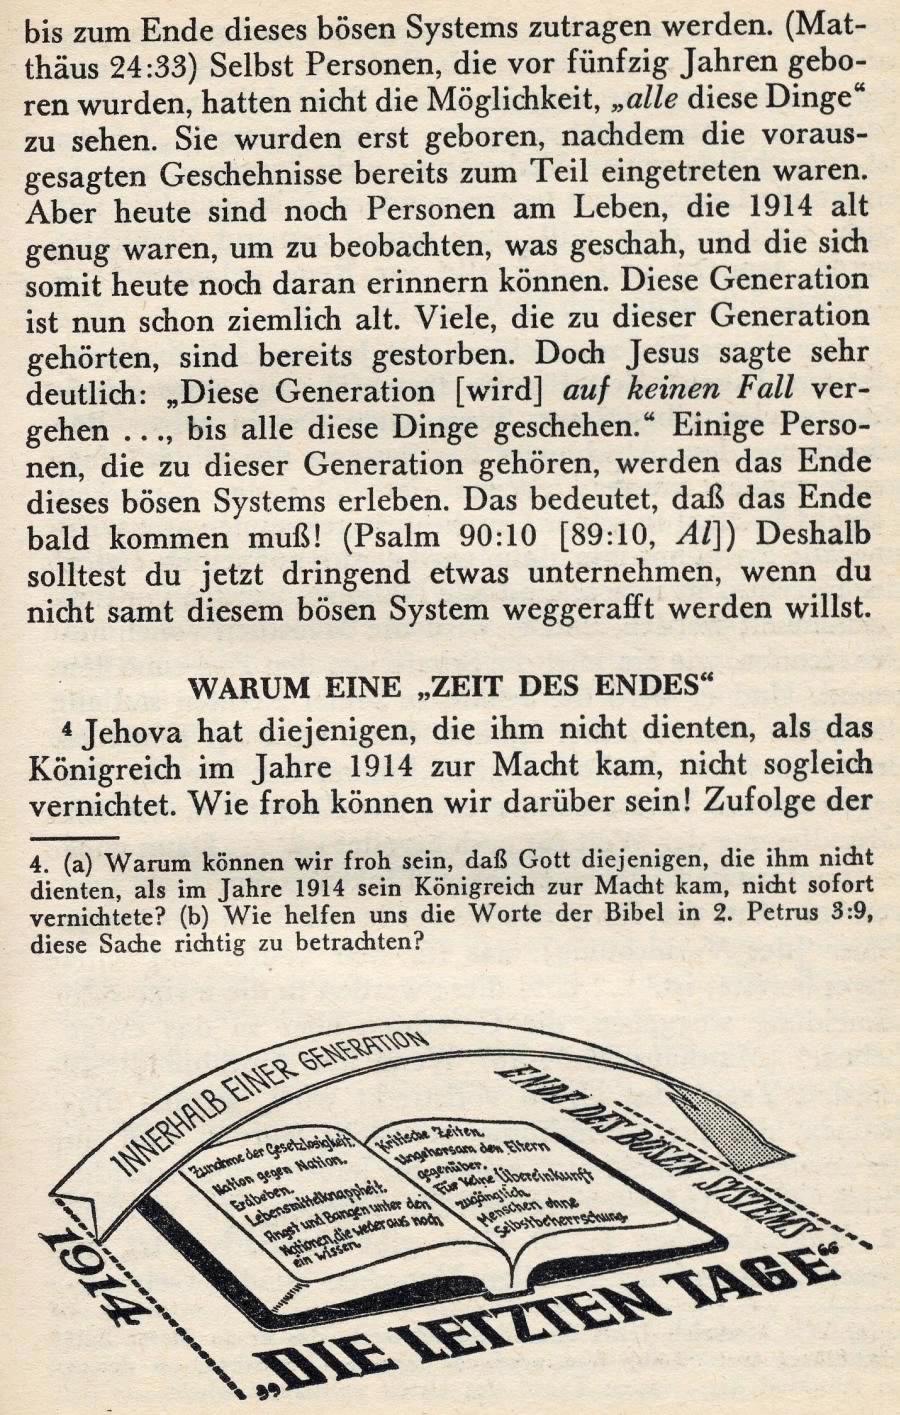 http://www.manfred-gebhard.de/1968wahrheiterstauflage95.jpg